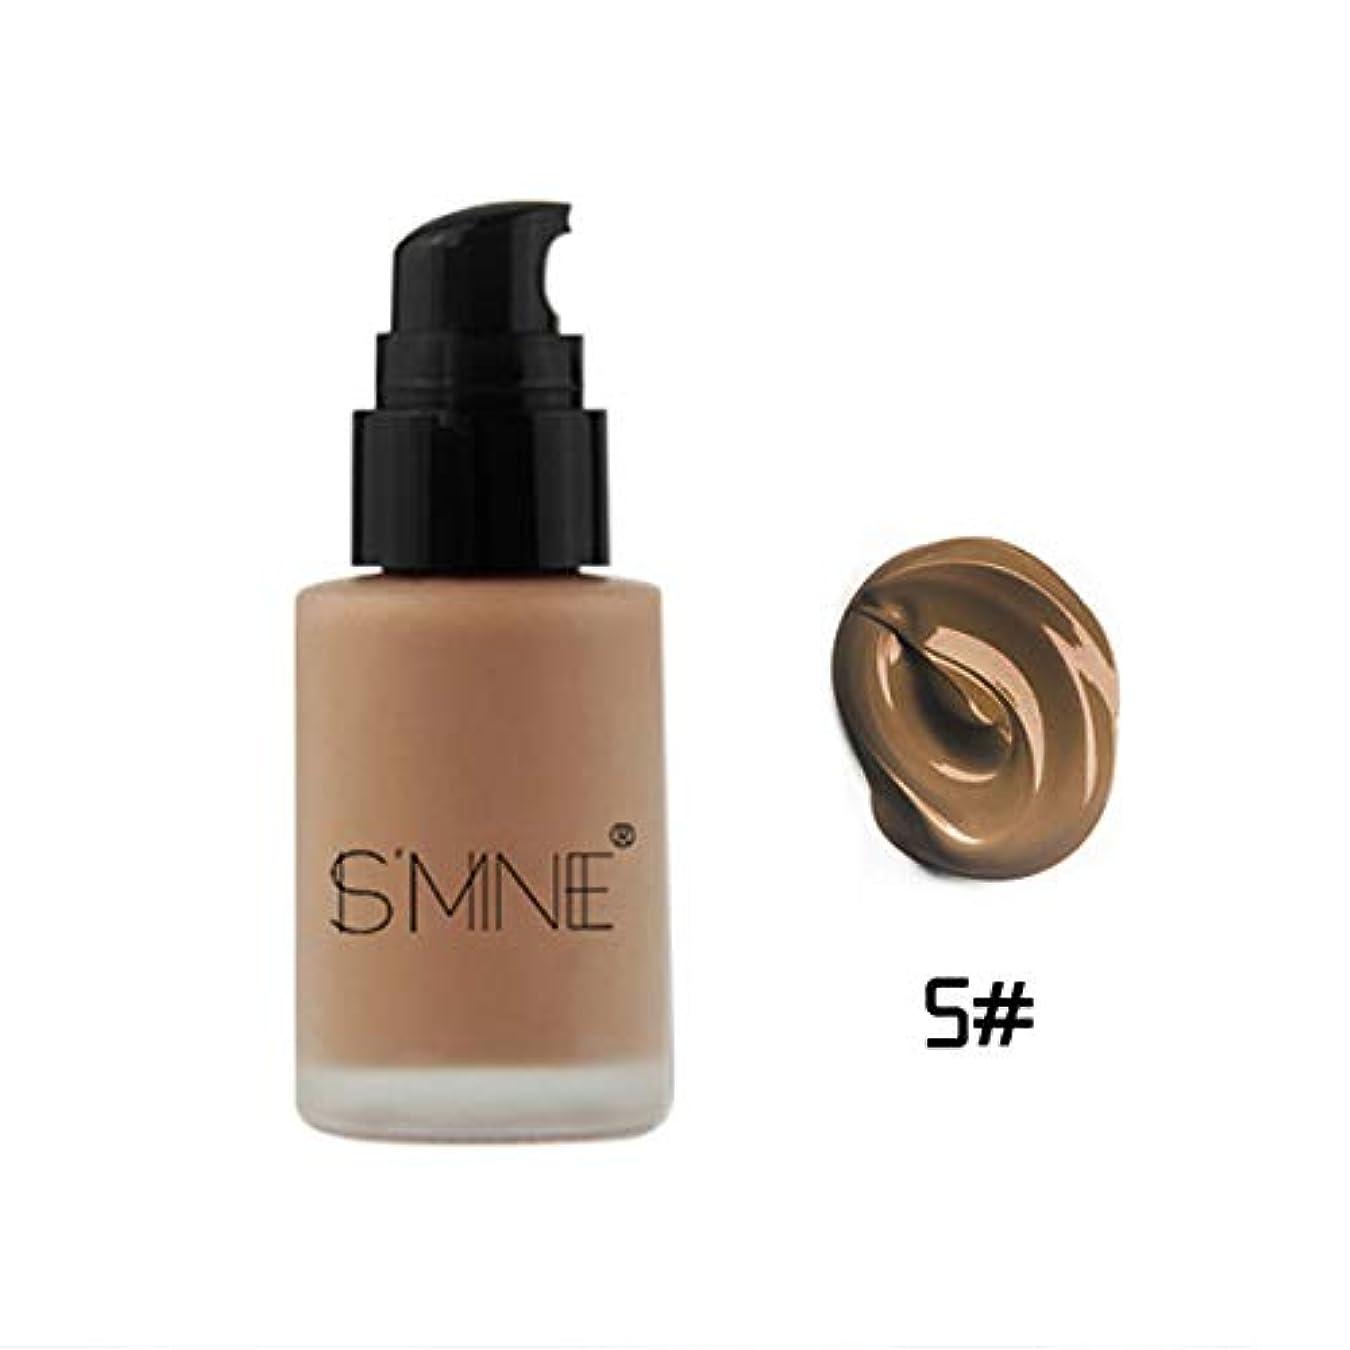 ダースつぶやき試用Symboat BBクリーム 女性 フェイスコンシーラー 美白 保湿 防水 ロングラスティングメイクアップ 健康的な自然な肌色 素肌感 化粧品